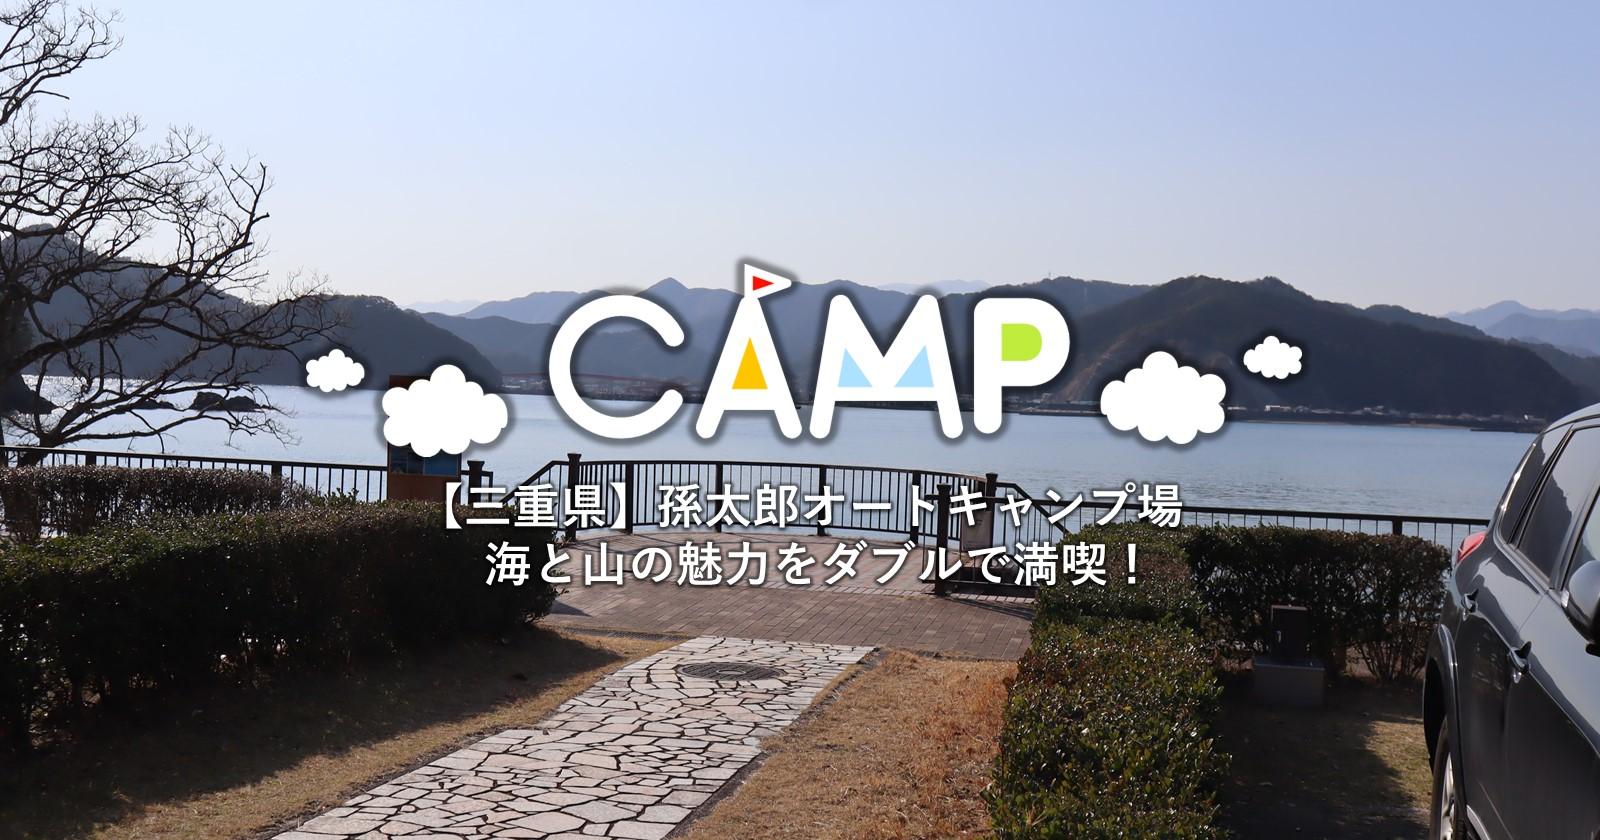 【三重県】孫太郎オートキャンプ場で海と山の魅力をダブルで満喫!